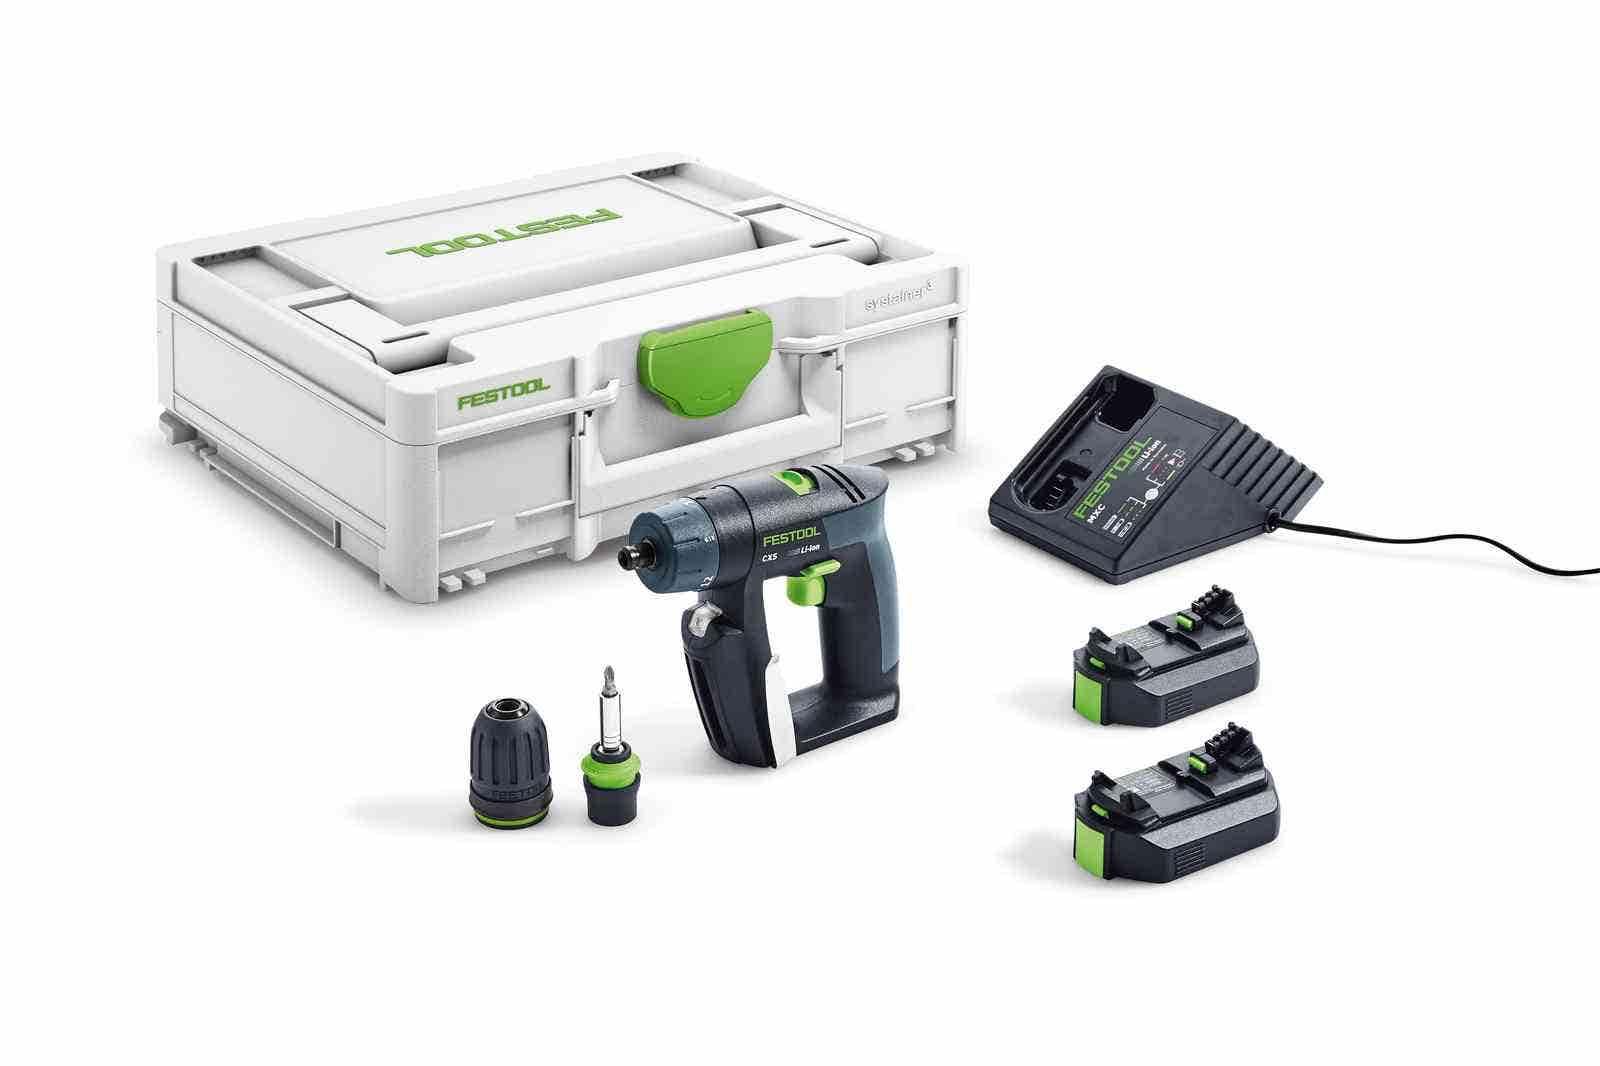 Festool Outil oscillant Vecturo OSC 18V EI-Set + 1 batterie 4Ah + chargeur rapide + 1 lame de scie + systainer